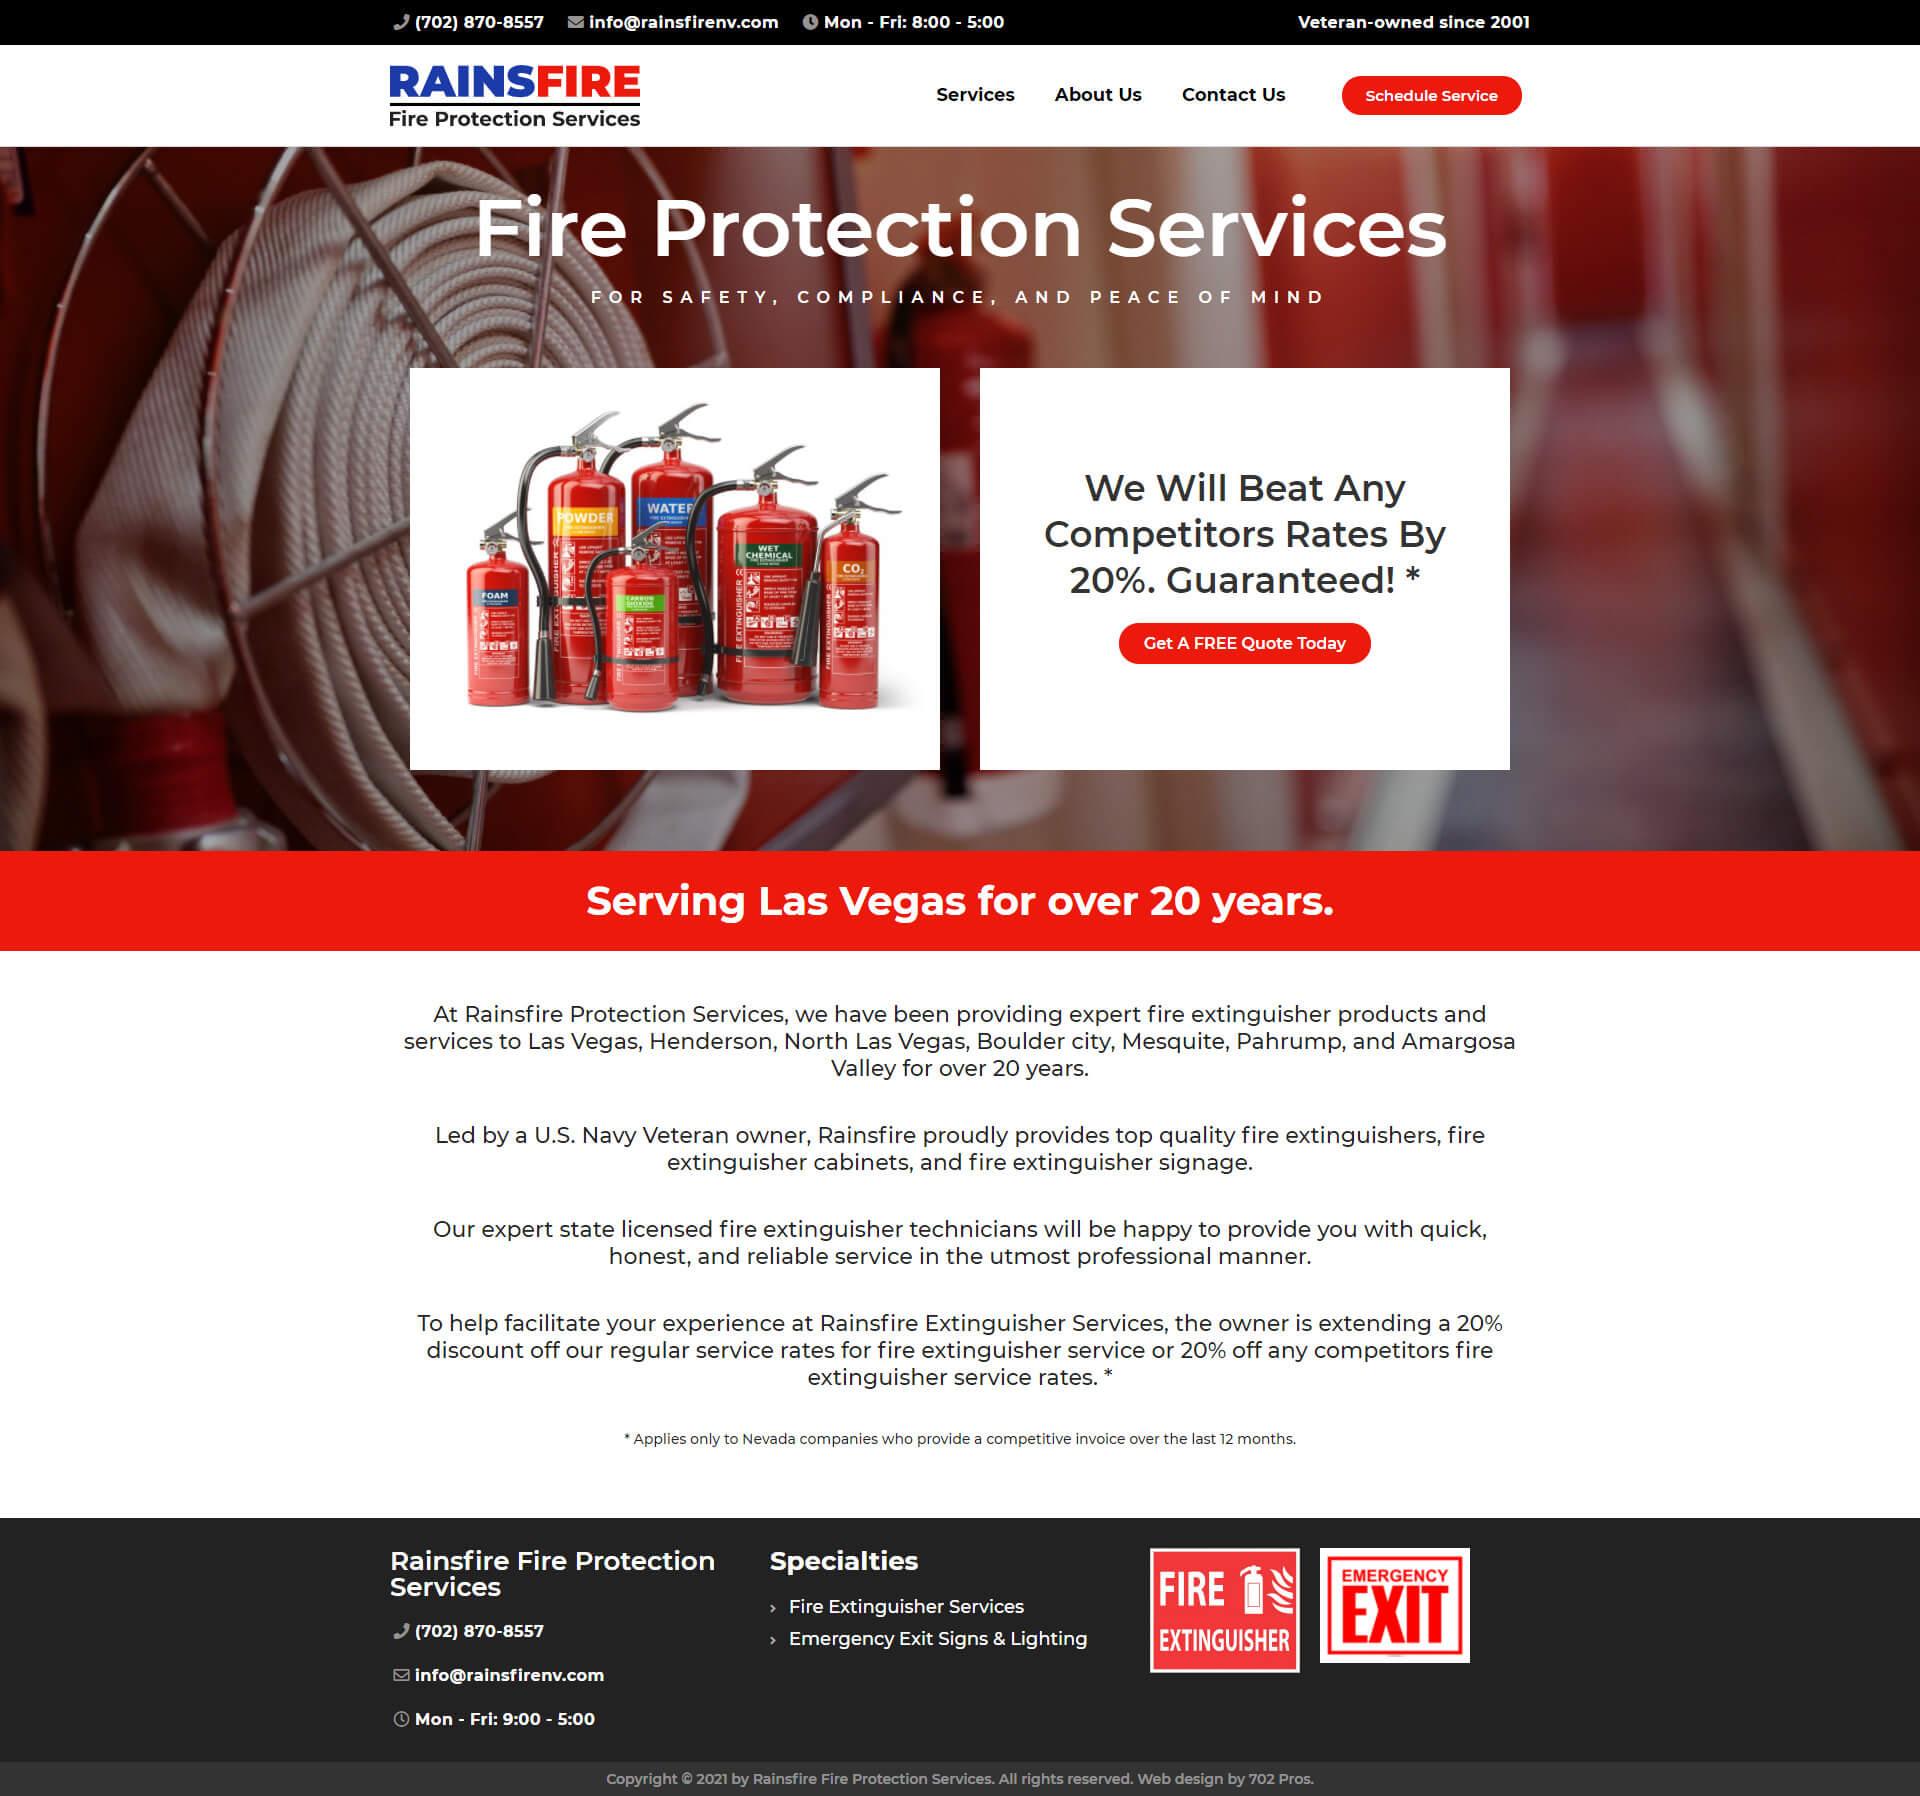 Rainsfire Fire Protection Services Desktop